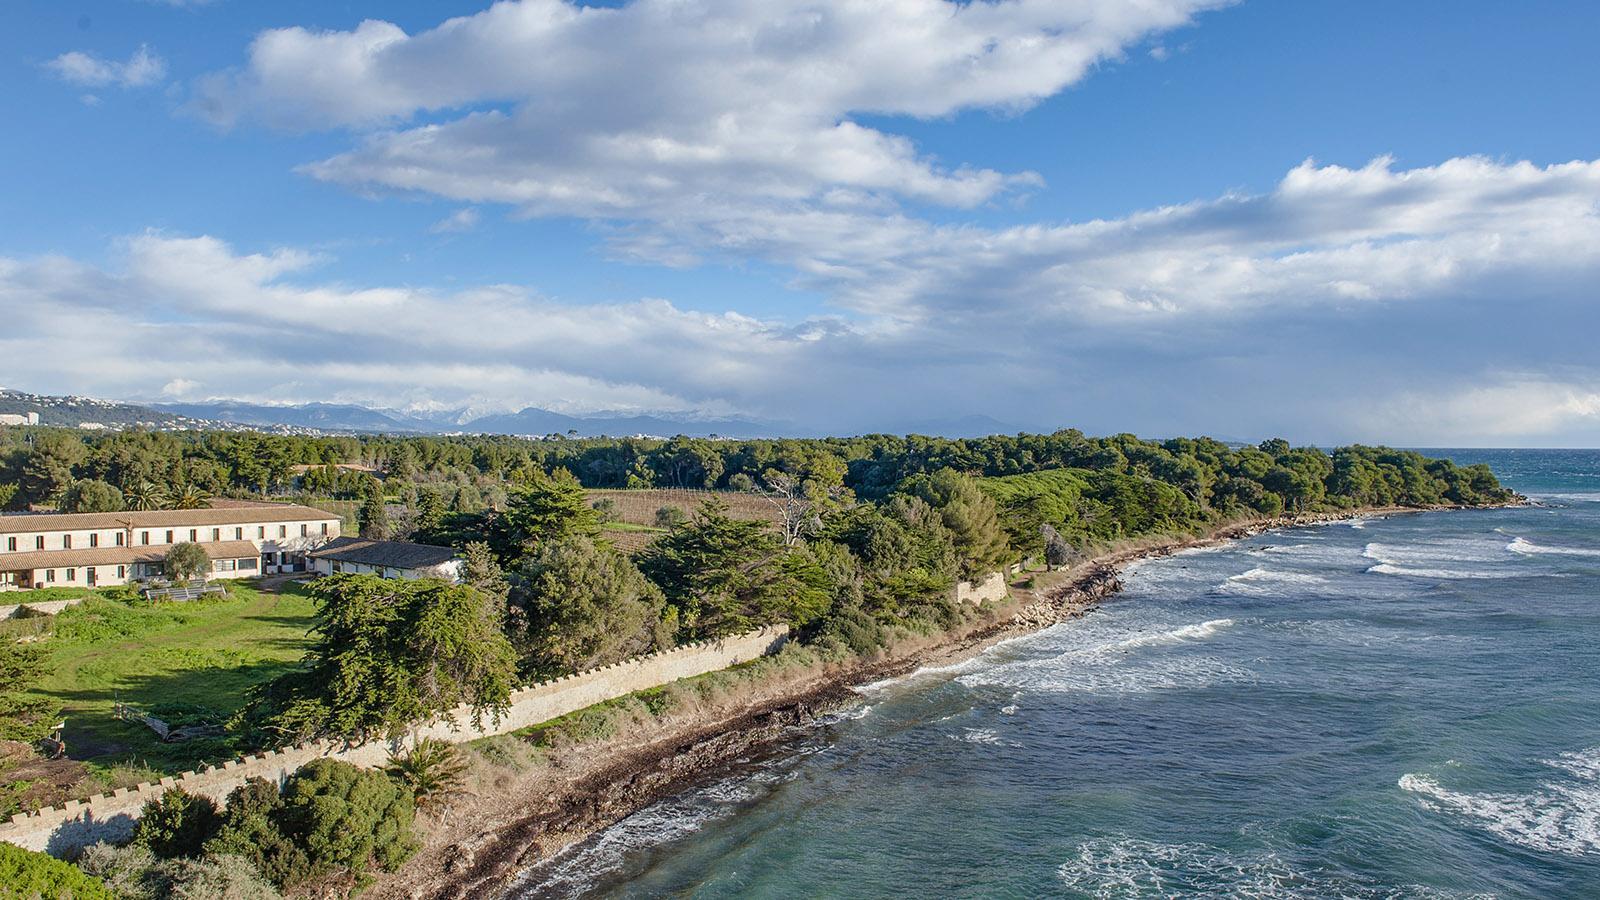 Die Klosterinsel Saint-Honorat. Foto: Hilke Maunder